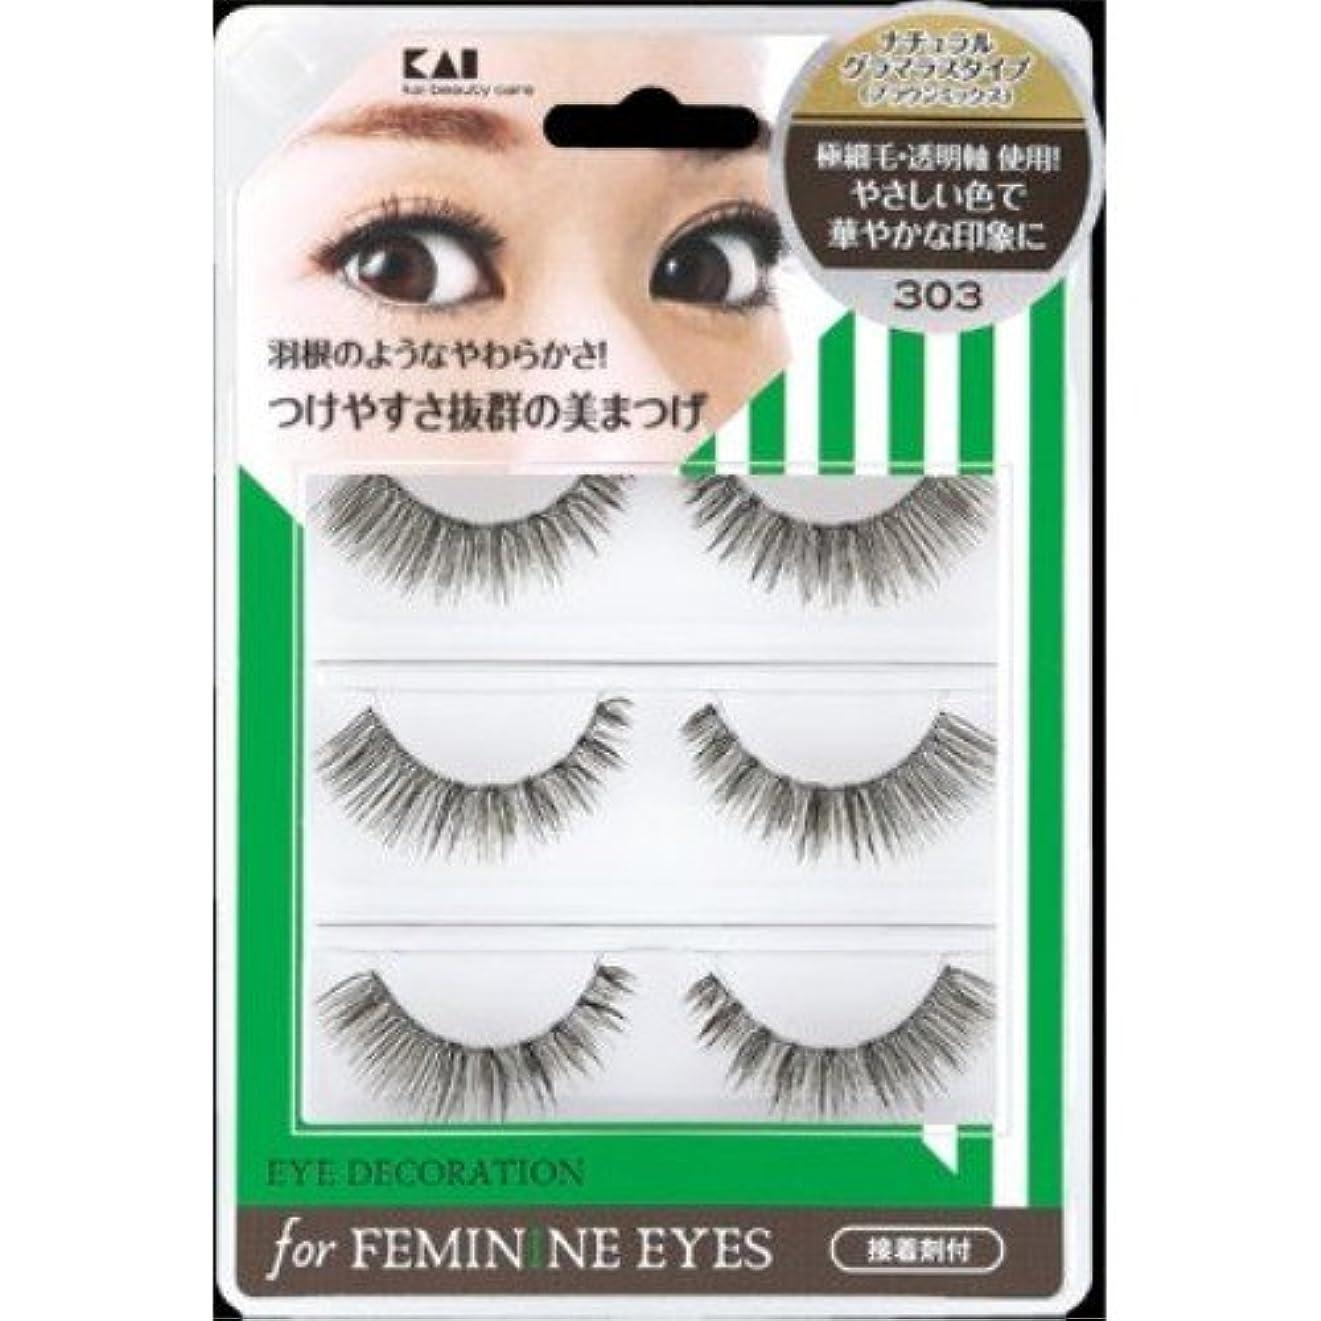 滅多有利ブラウズ貝印 アイデコレーション for feminine eyes 303 HC1563